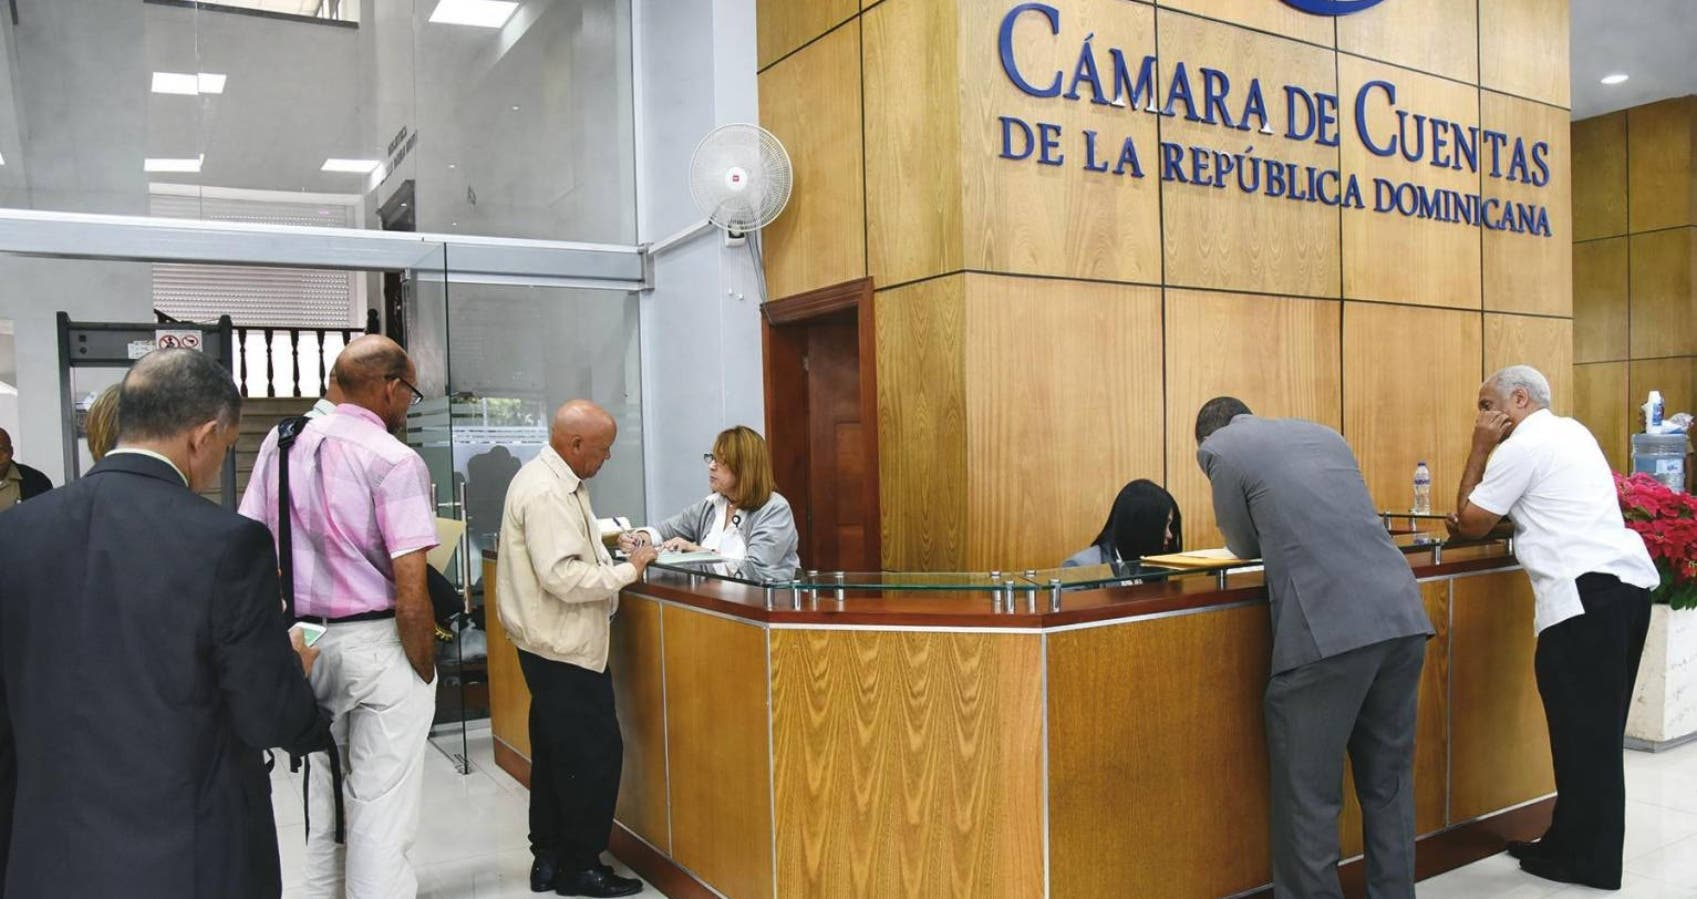 Procuraduría investigará funcionarios que no presenten declaración jurada